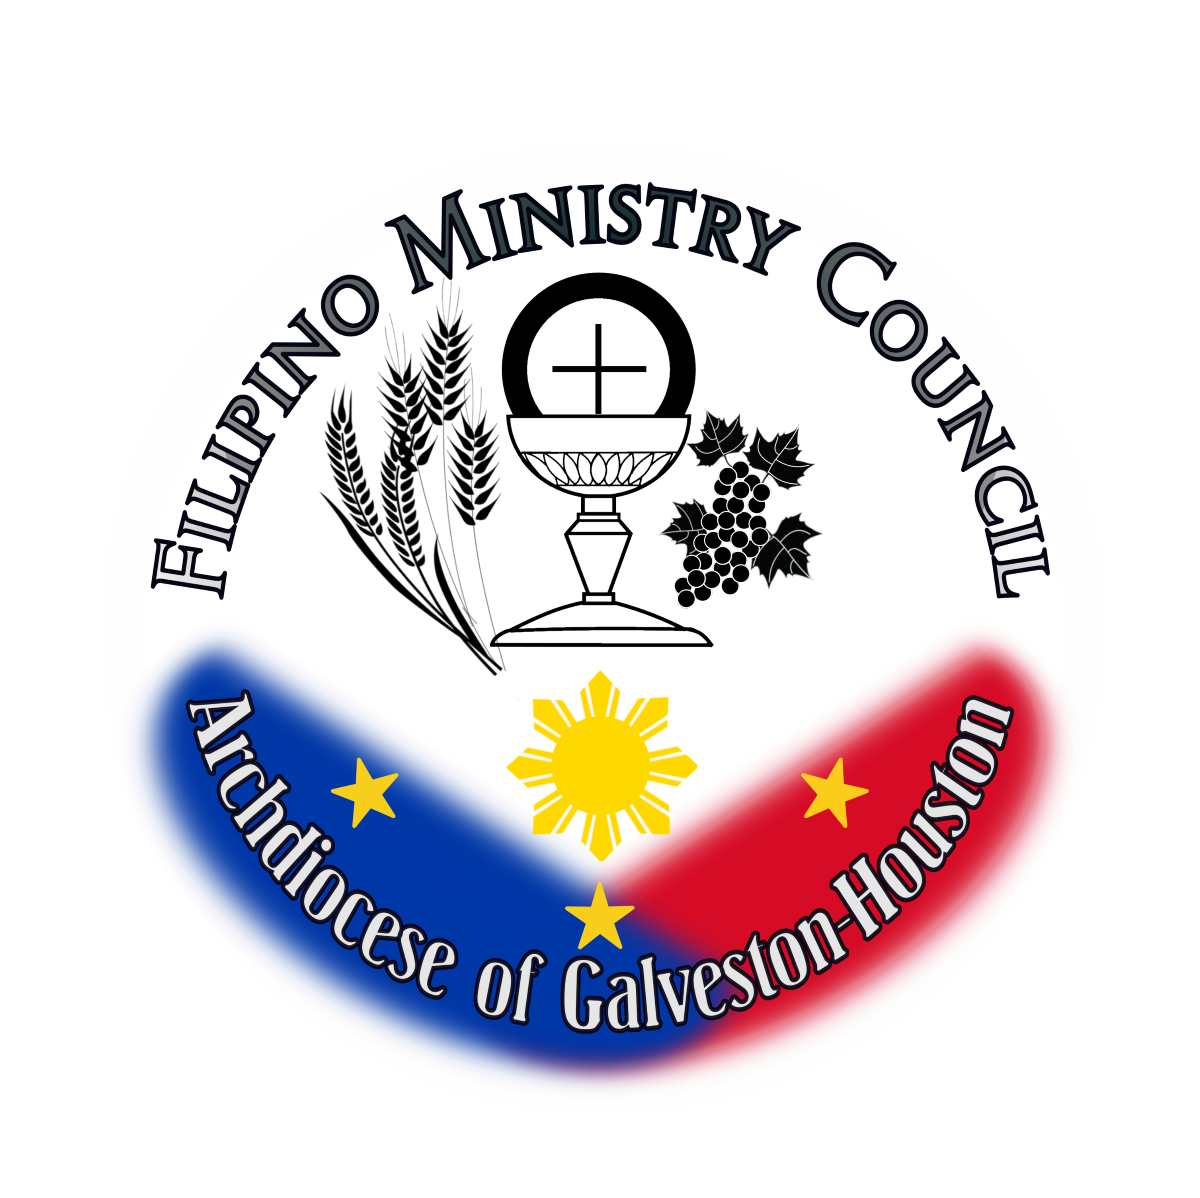 archdiocese of galveston houston